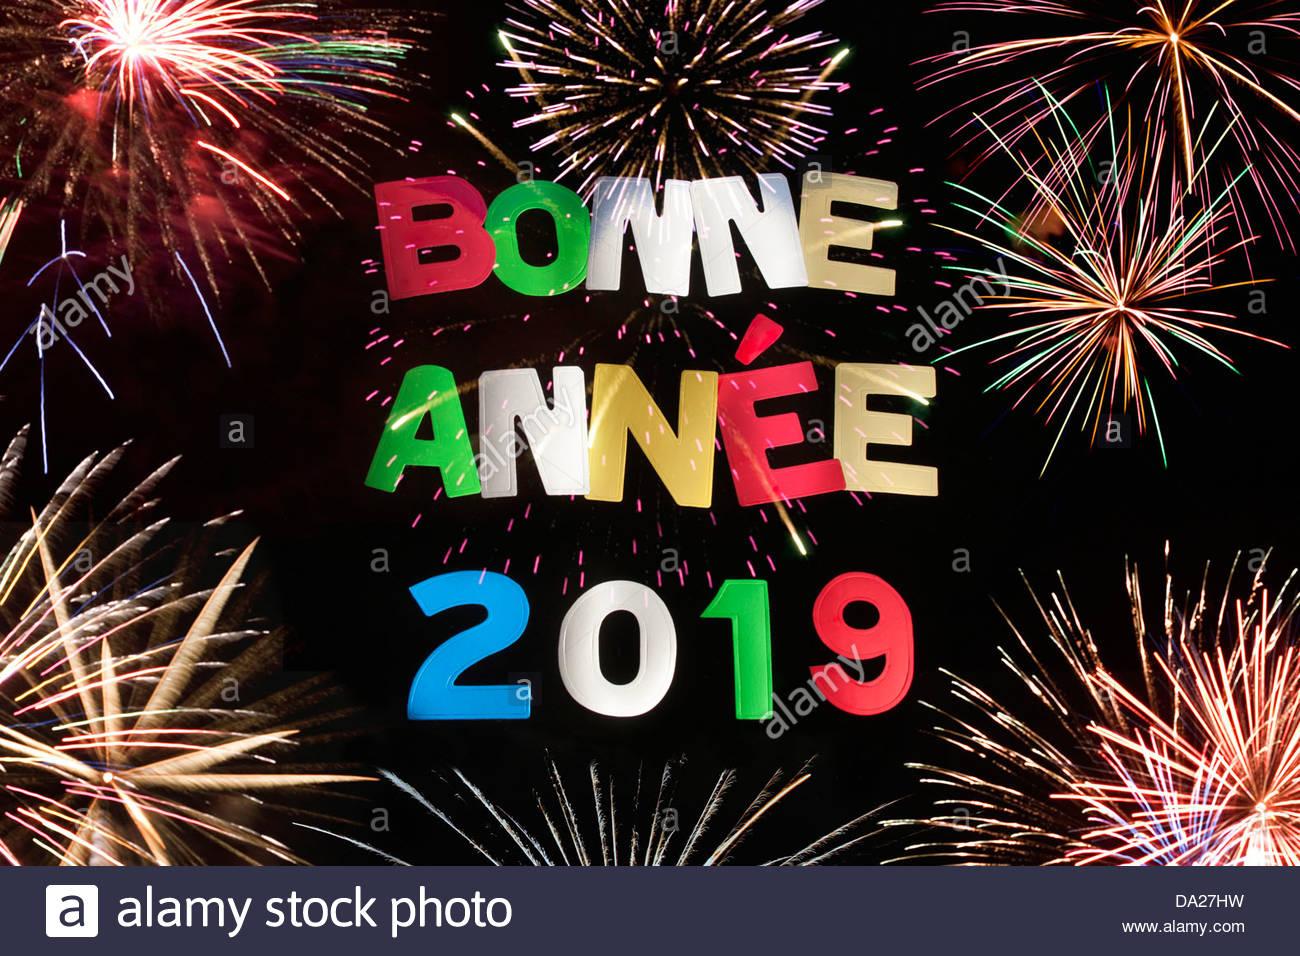 Bonne annee 2019 banque d 39 images photo stock 57827557 - Bonne nouvelle anne ...